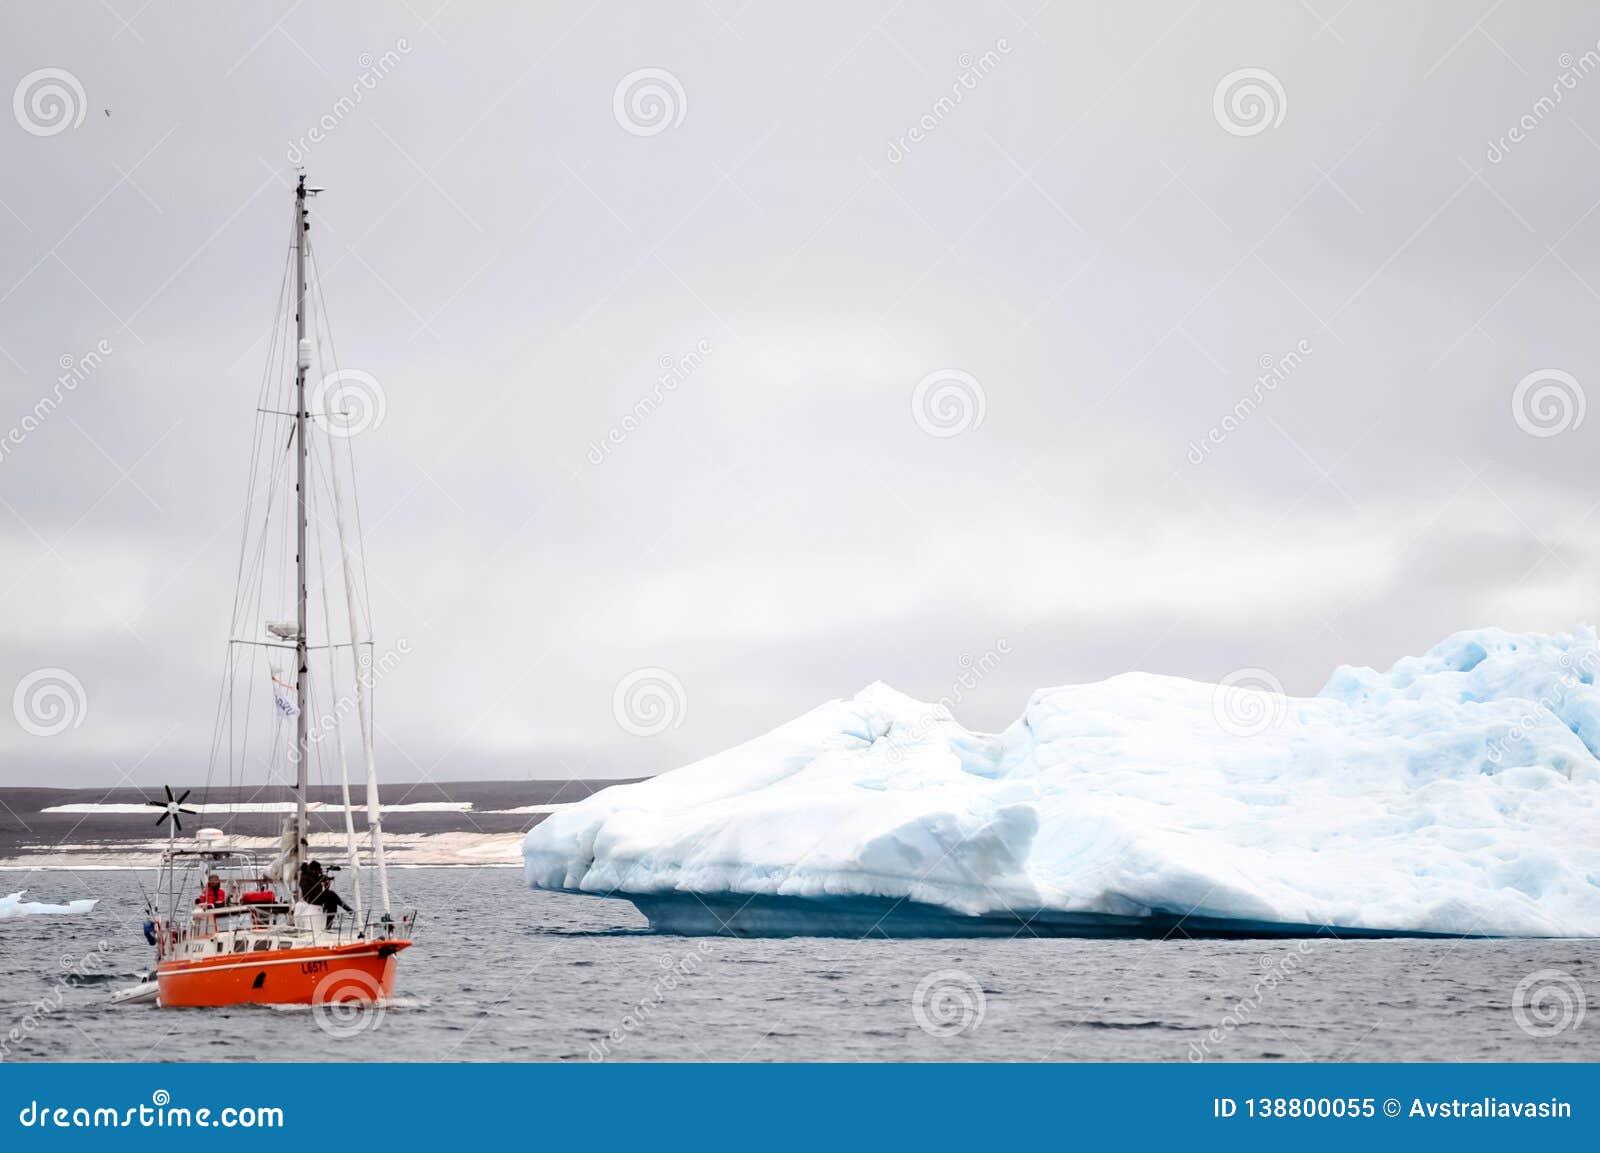 Buque de la expedición ártica en las aguas del Océano ártico